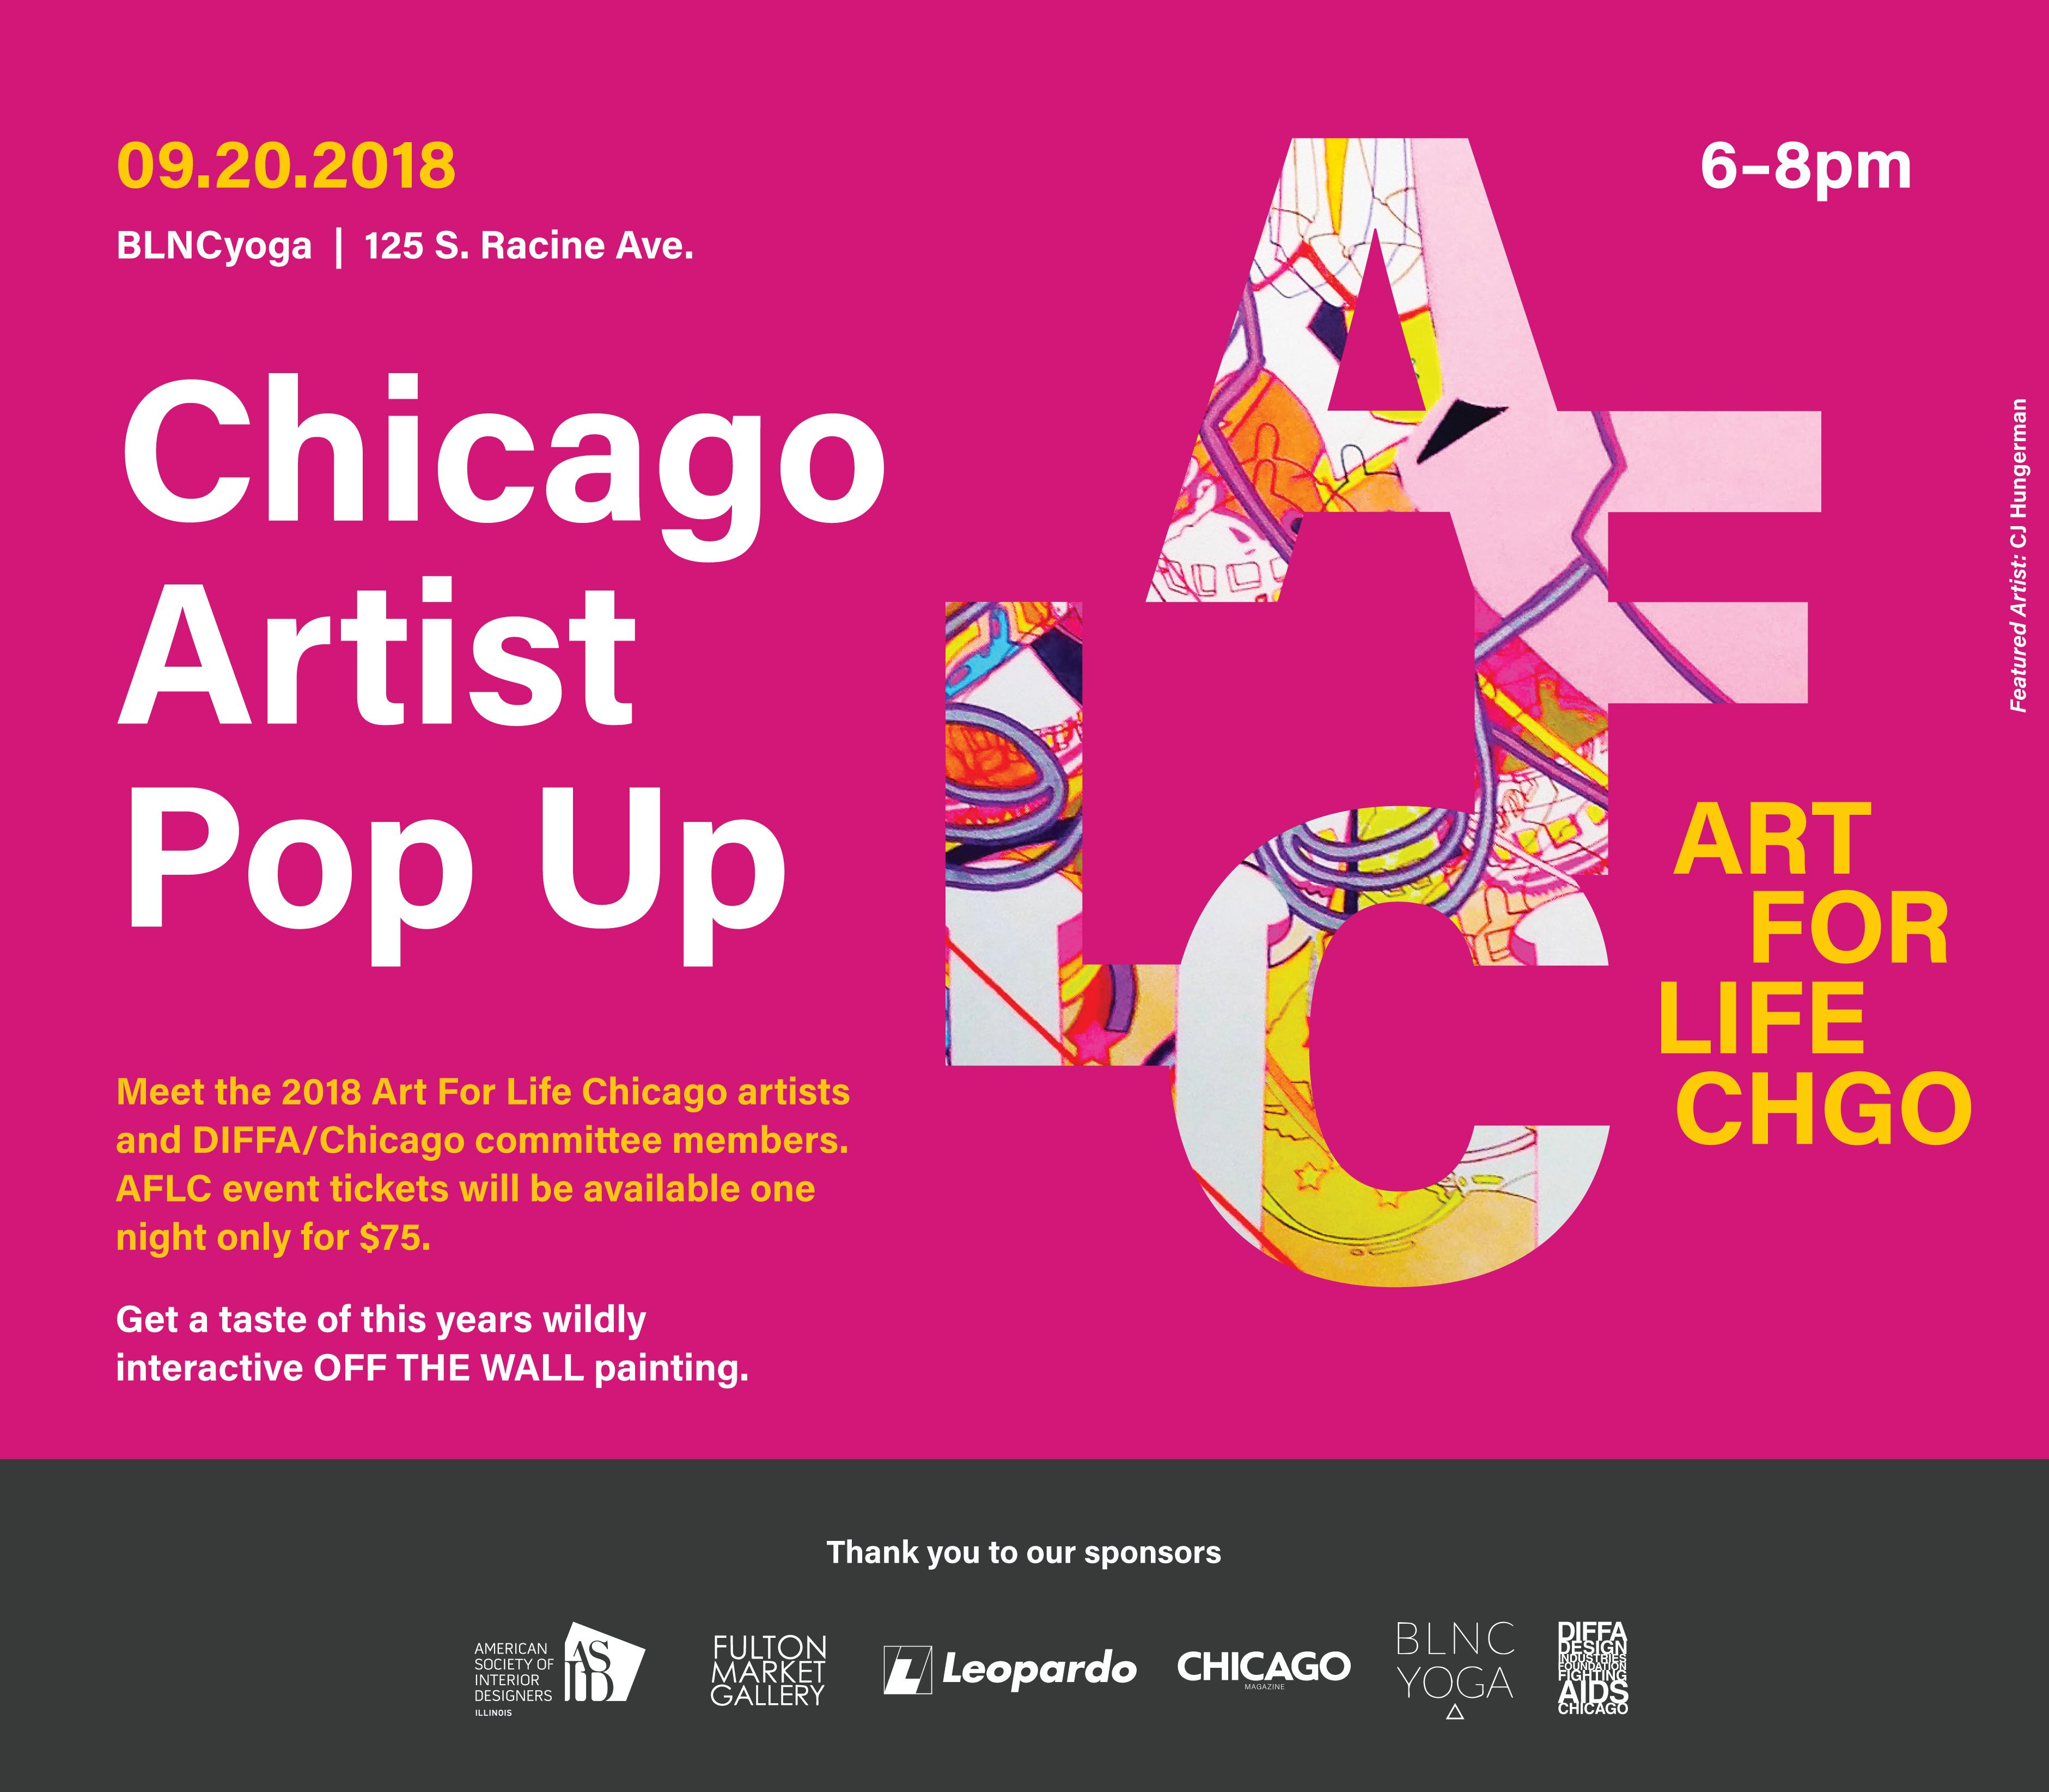 ART FOR LIFE Chicago Artist Pop Up